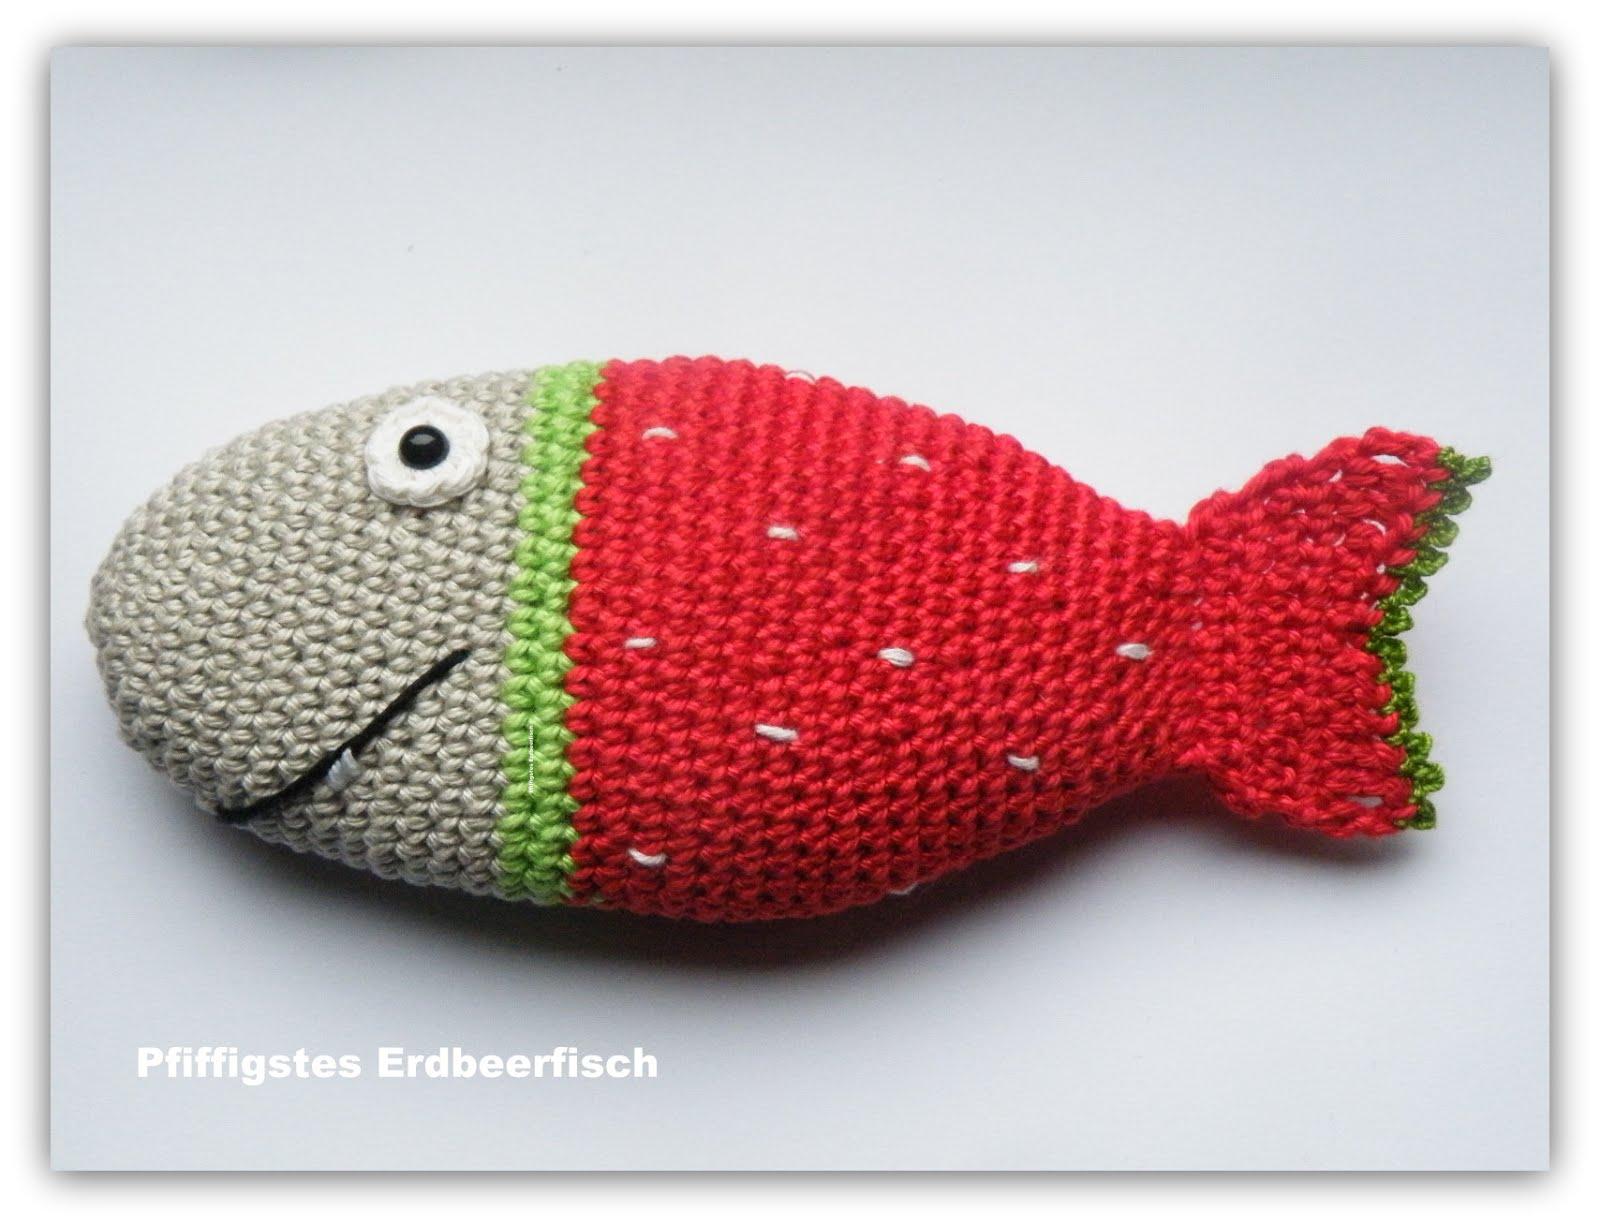 Pfiffigstes Erdbeerfisch